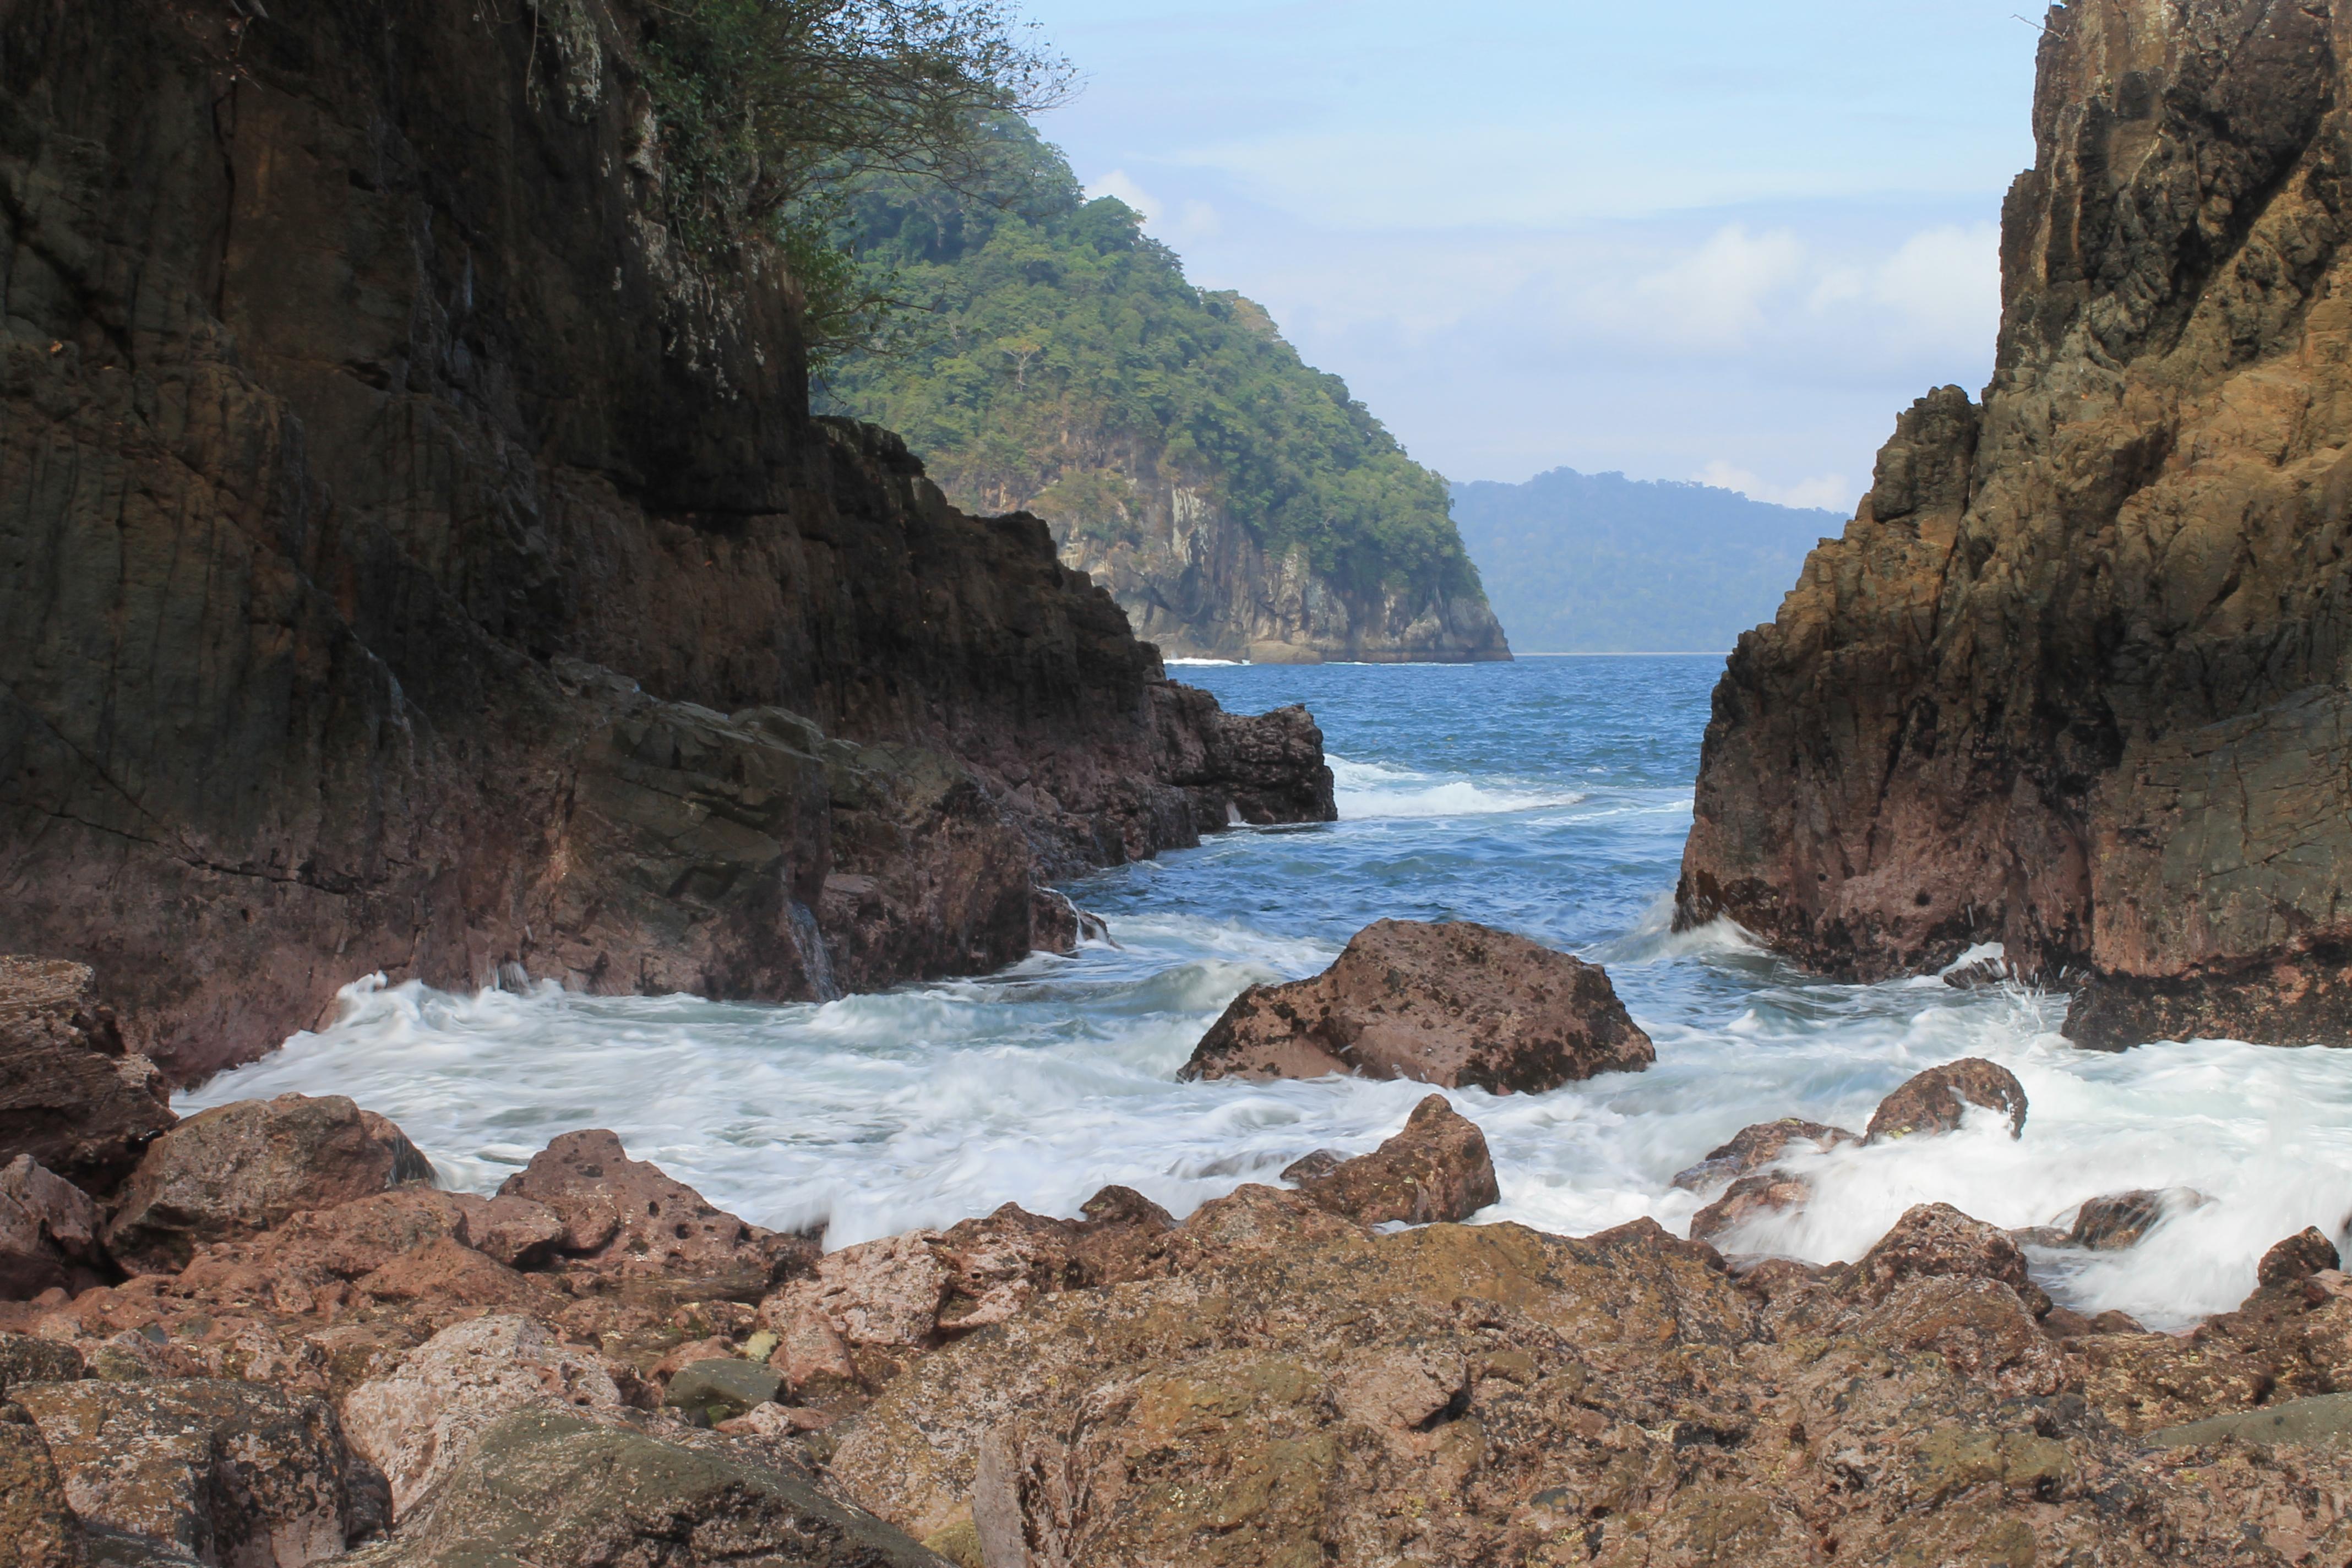 File:Teluk ijo banyuwangi.jpg